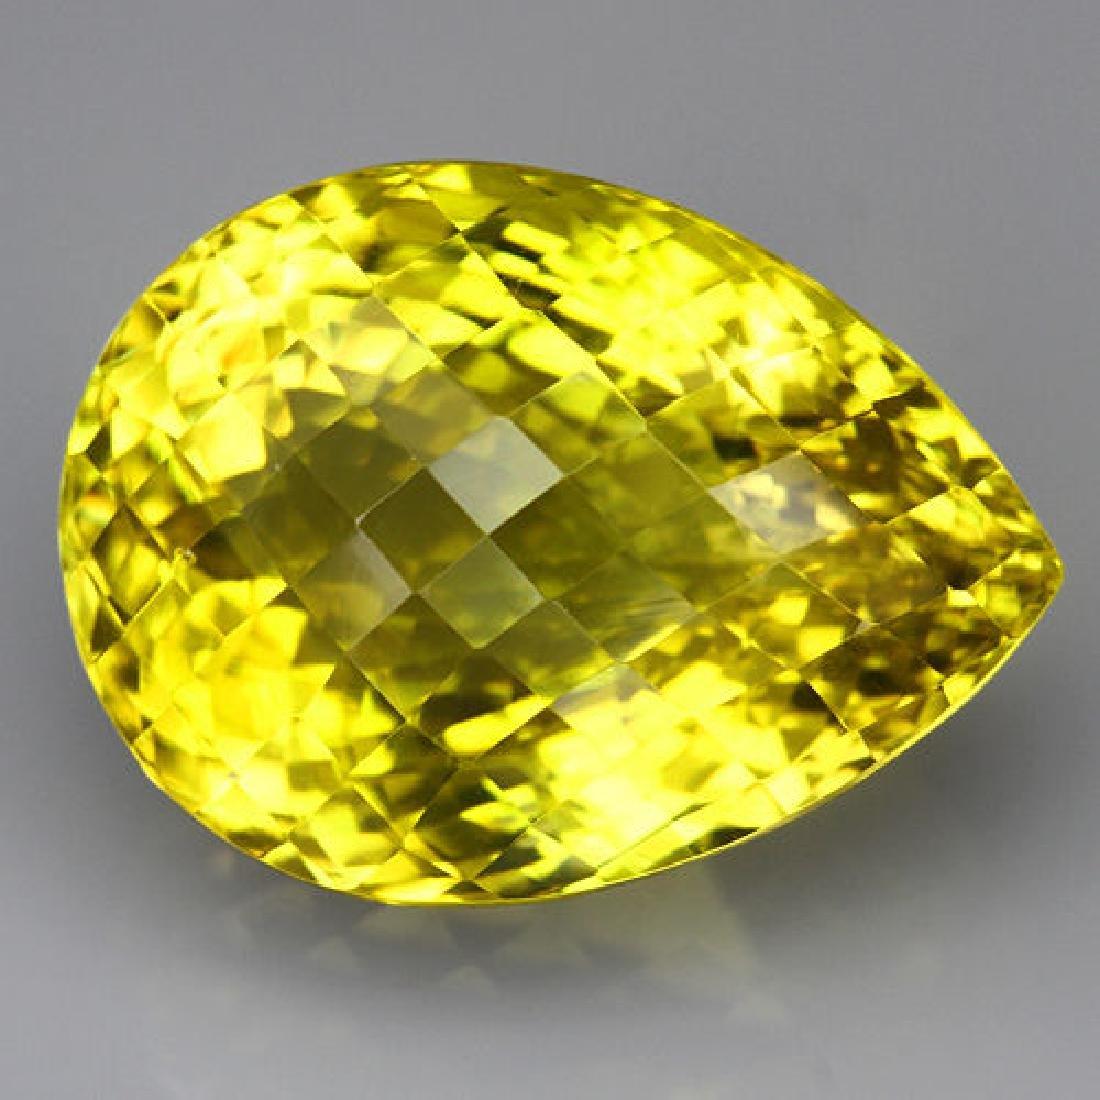 Natural Lemon Citrine Gemstone 63.40 Carats - VVS